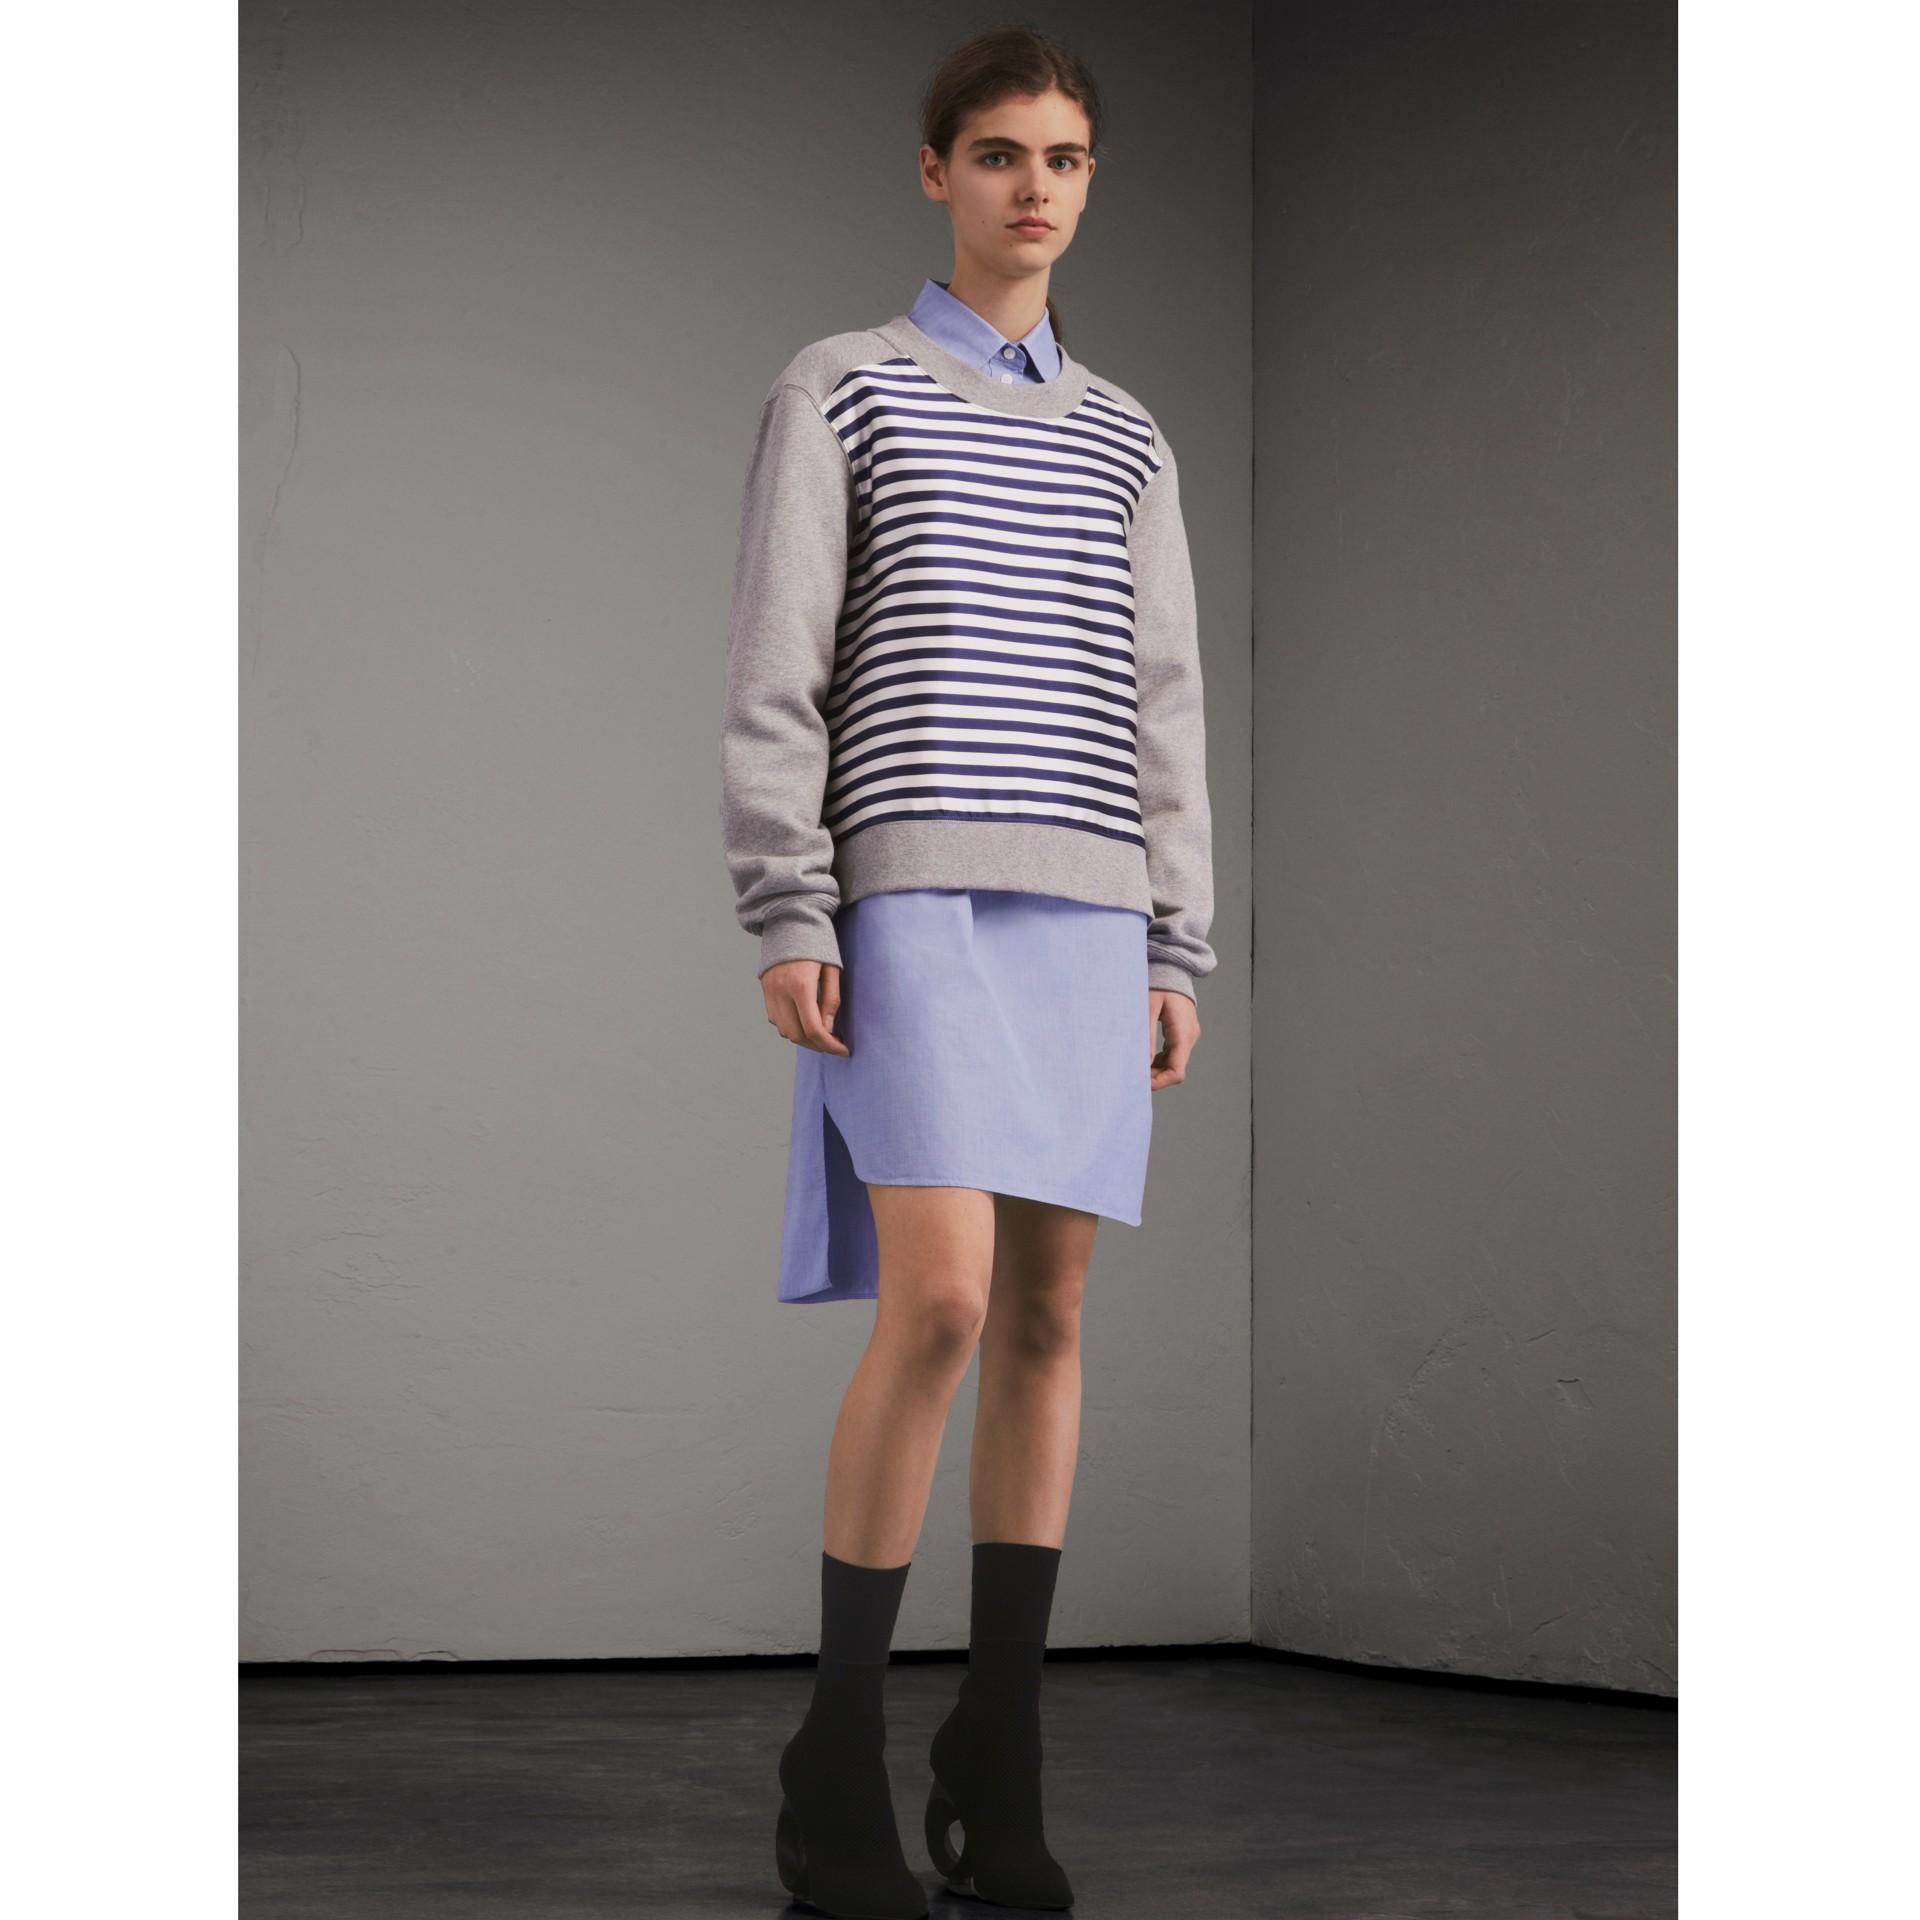 Unisex-Sweatshirt mit Streifenpanel aus Baumwollseide (Grau Meliert) - Damen | Burberry - Galerie-Bild 7